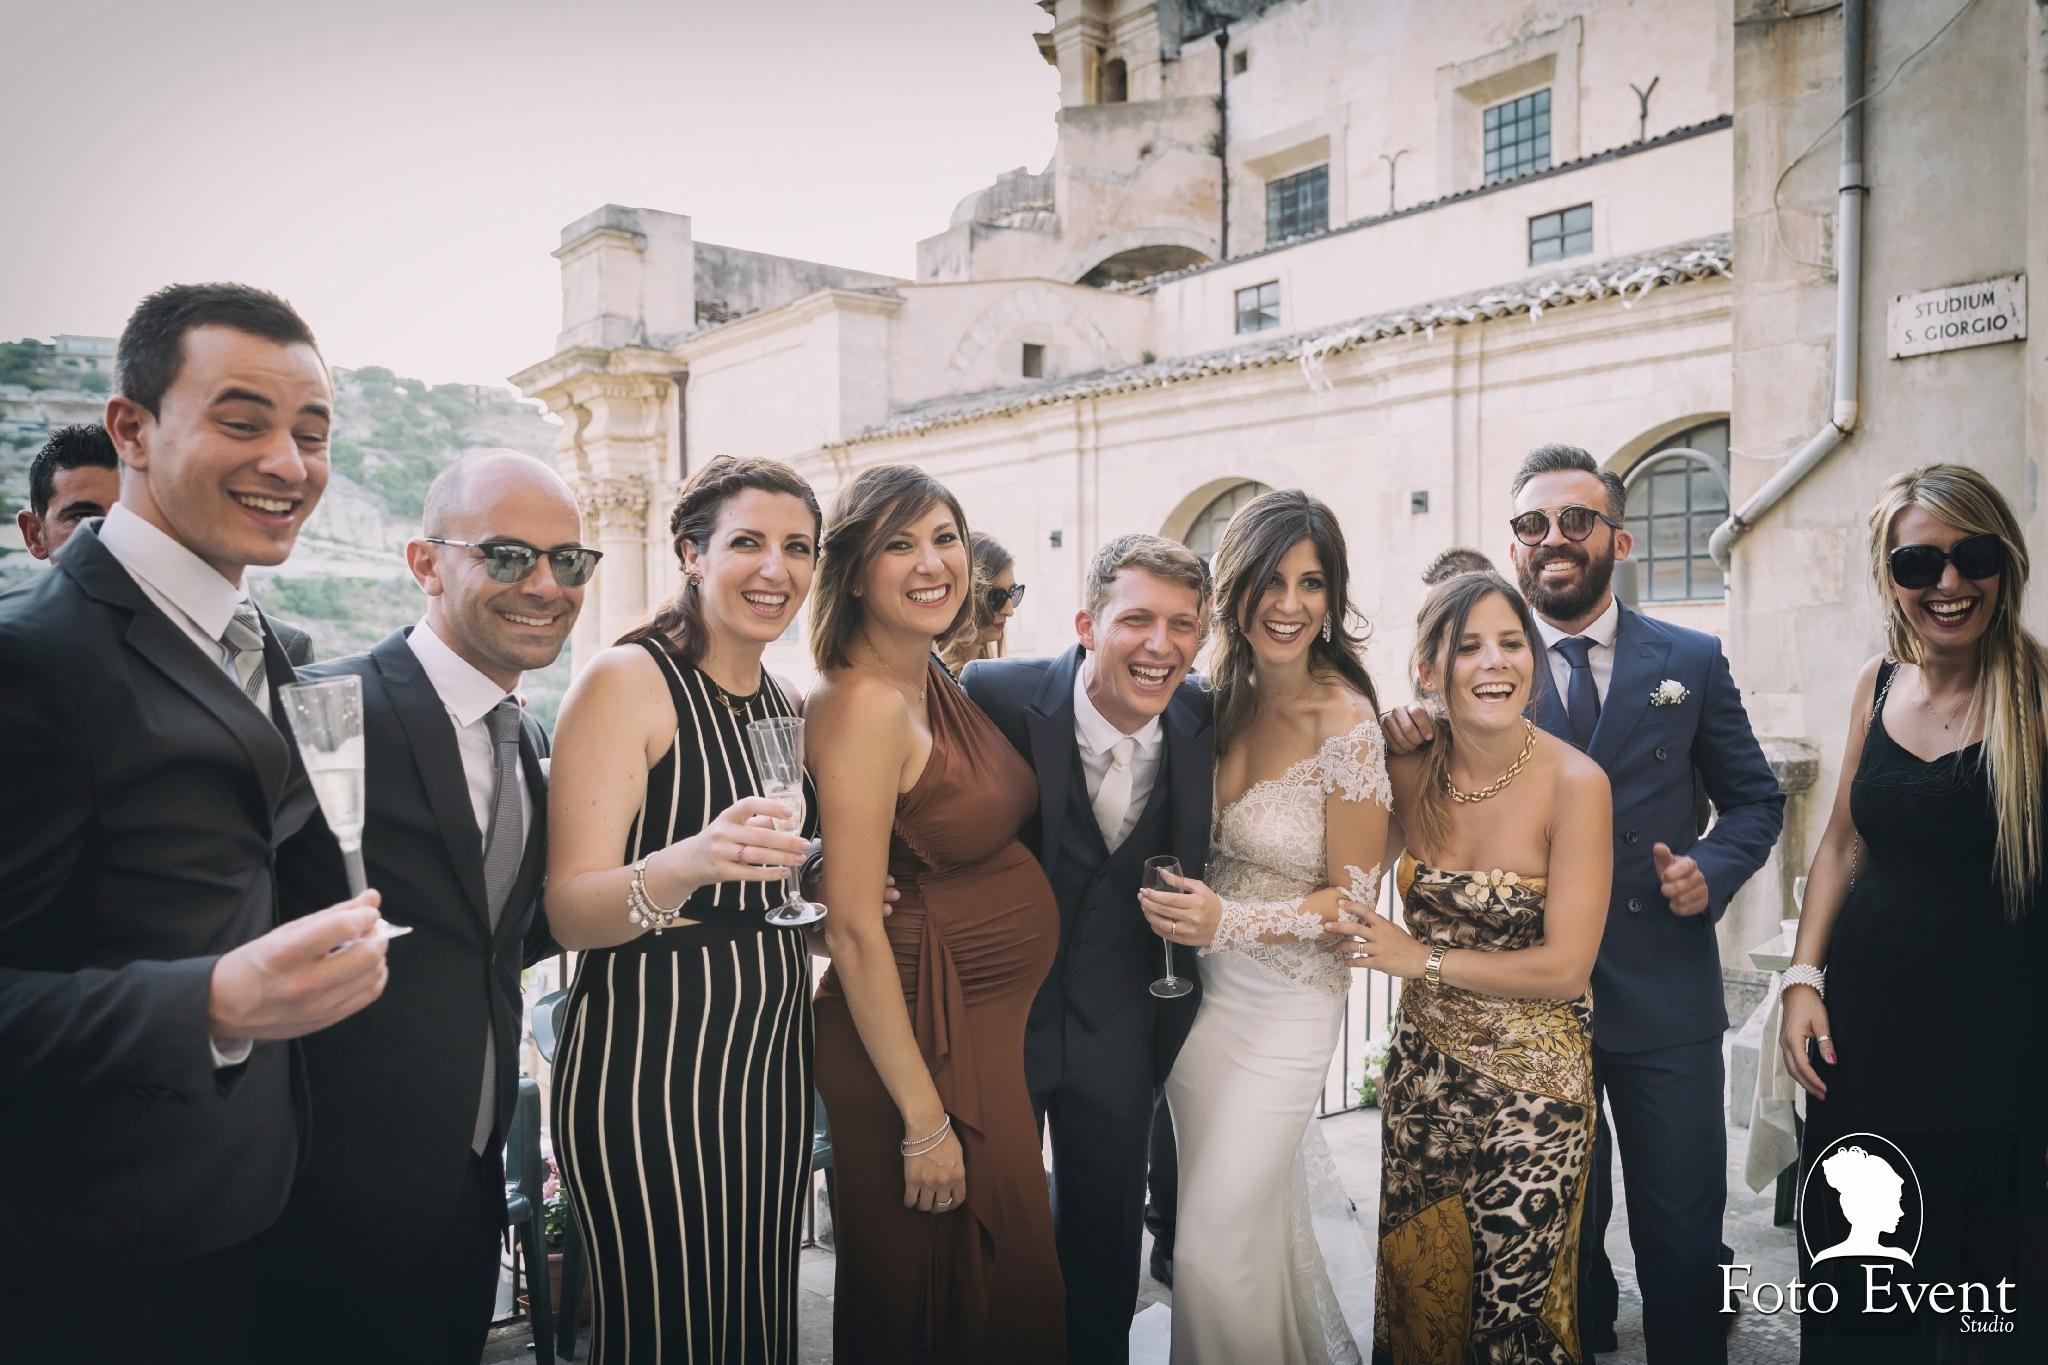 2017-07-21 Matrimonio Adriana e Giuseppe Dorsi 5DE 1366 CD FOTO